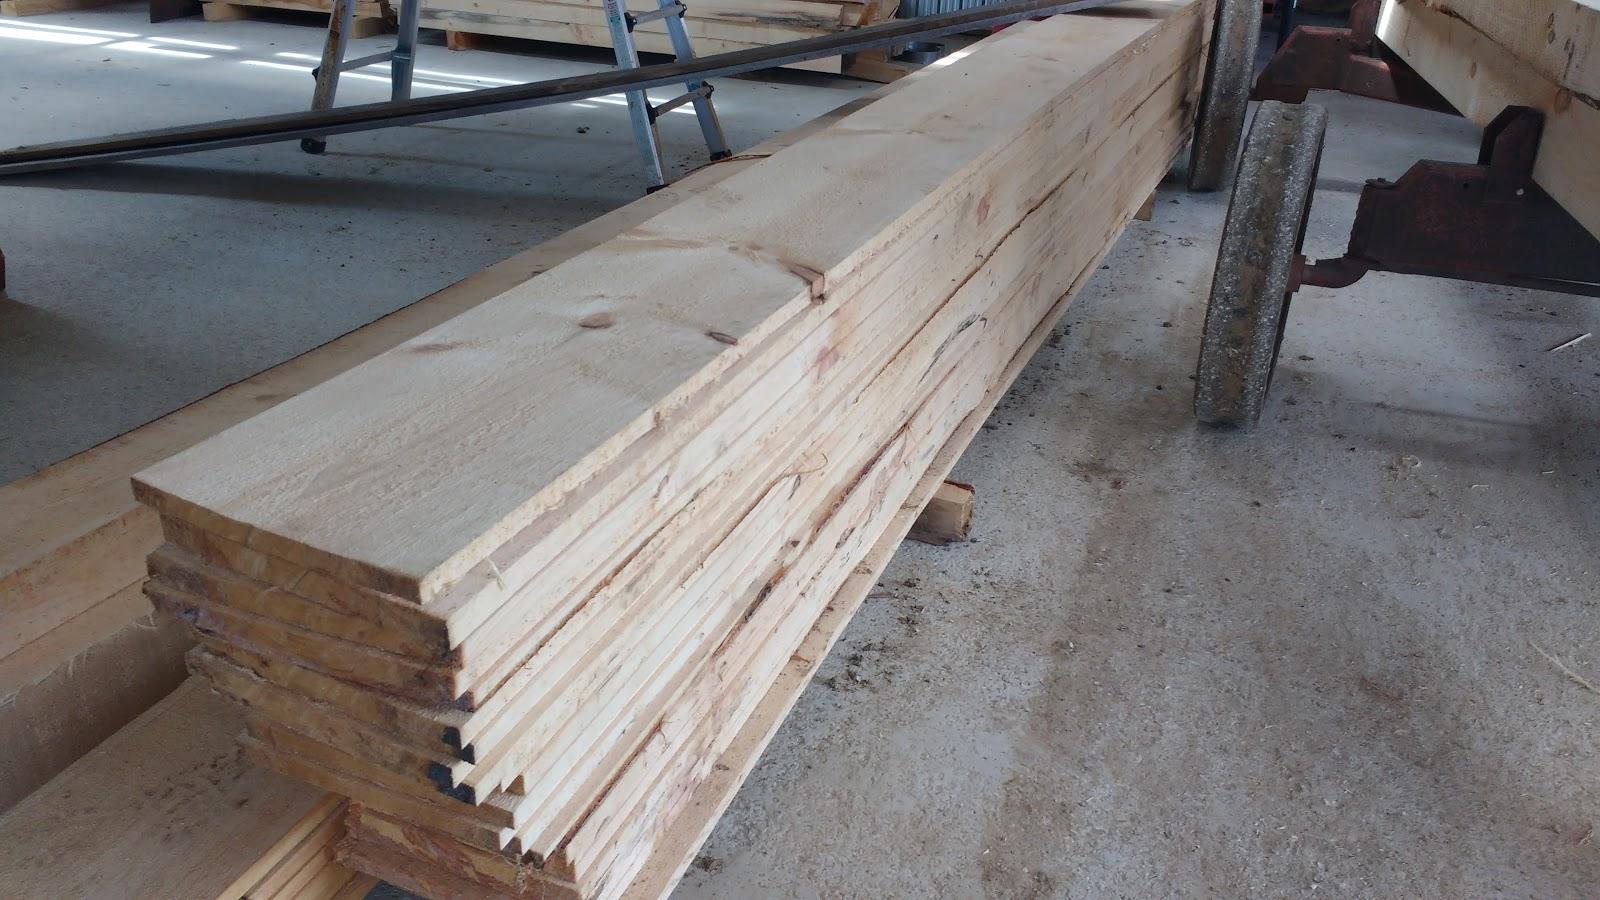 3x8 log siding hand hewn pine - Rough Sawn New White Pine